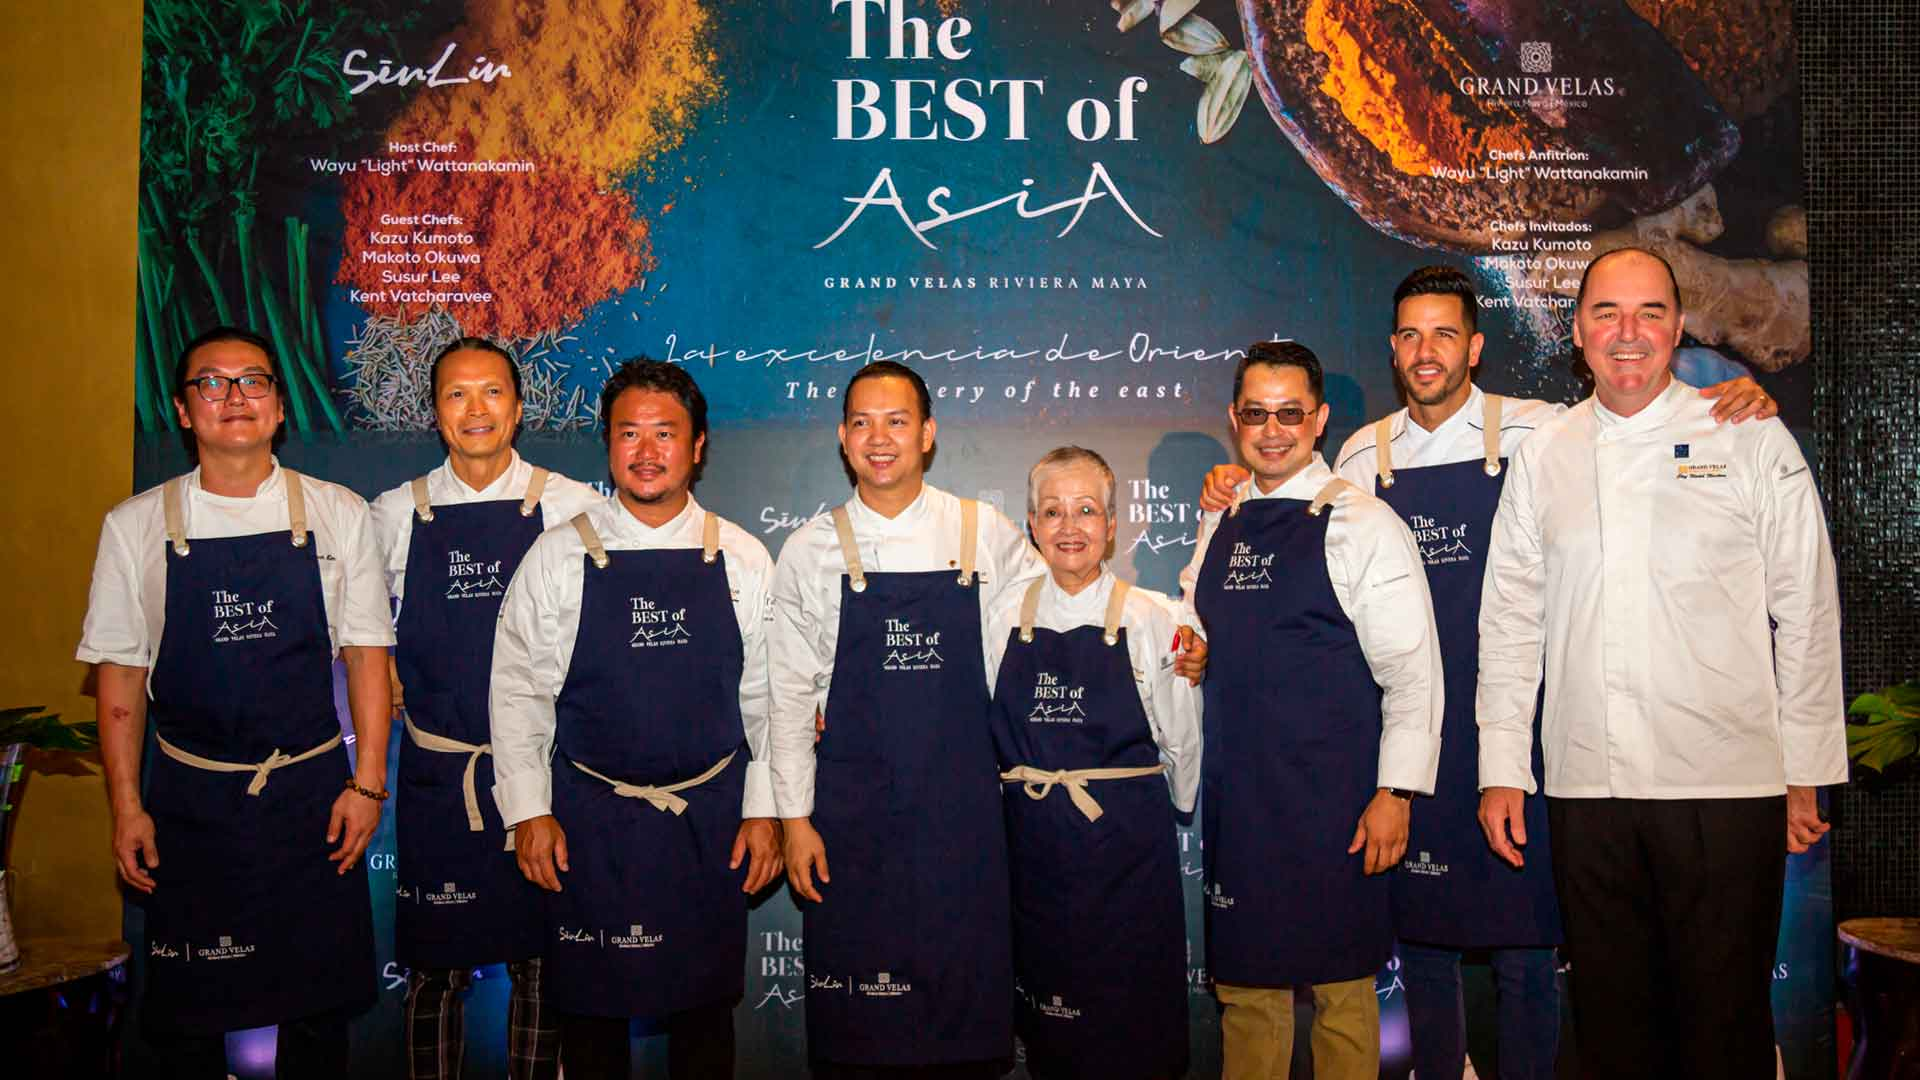 The Best of Asia en Grand Velas Riviera Maya